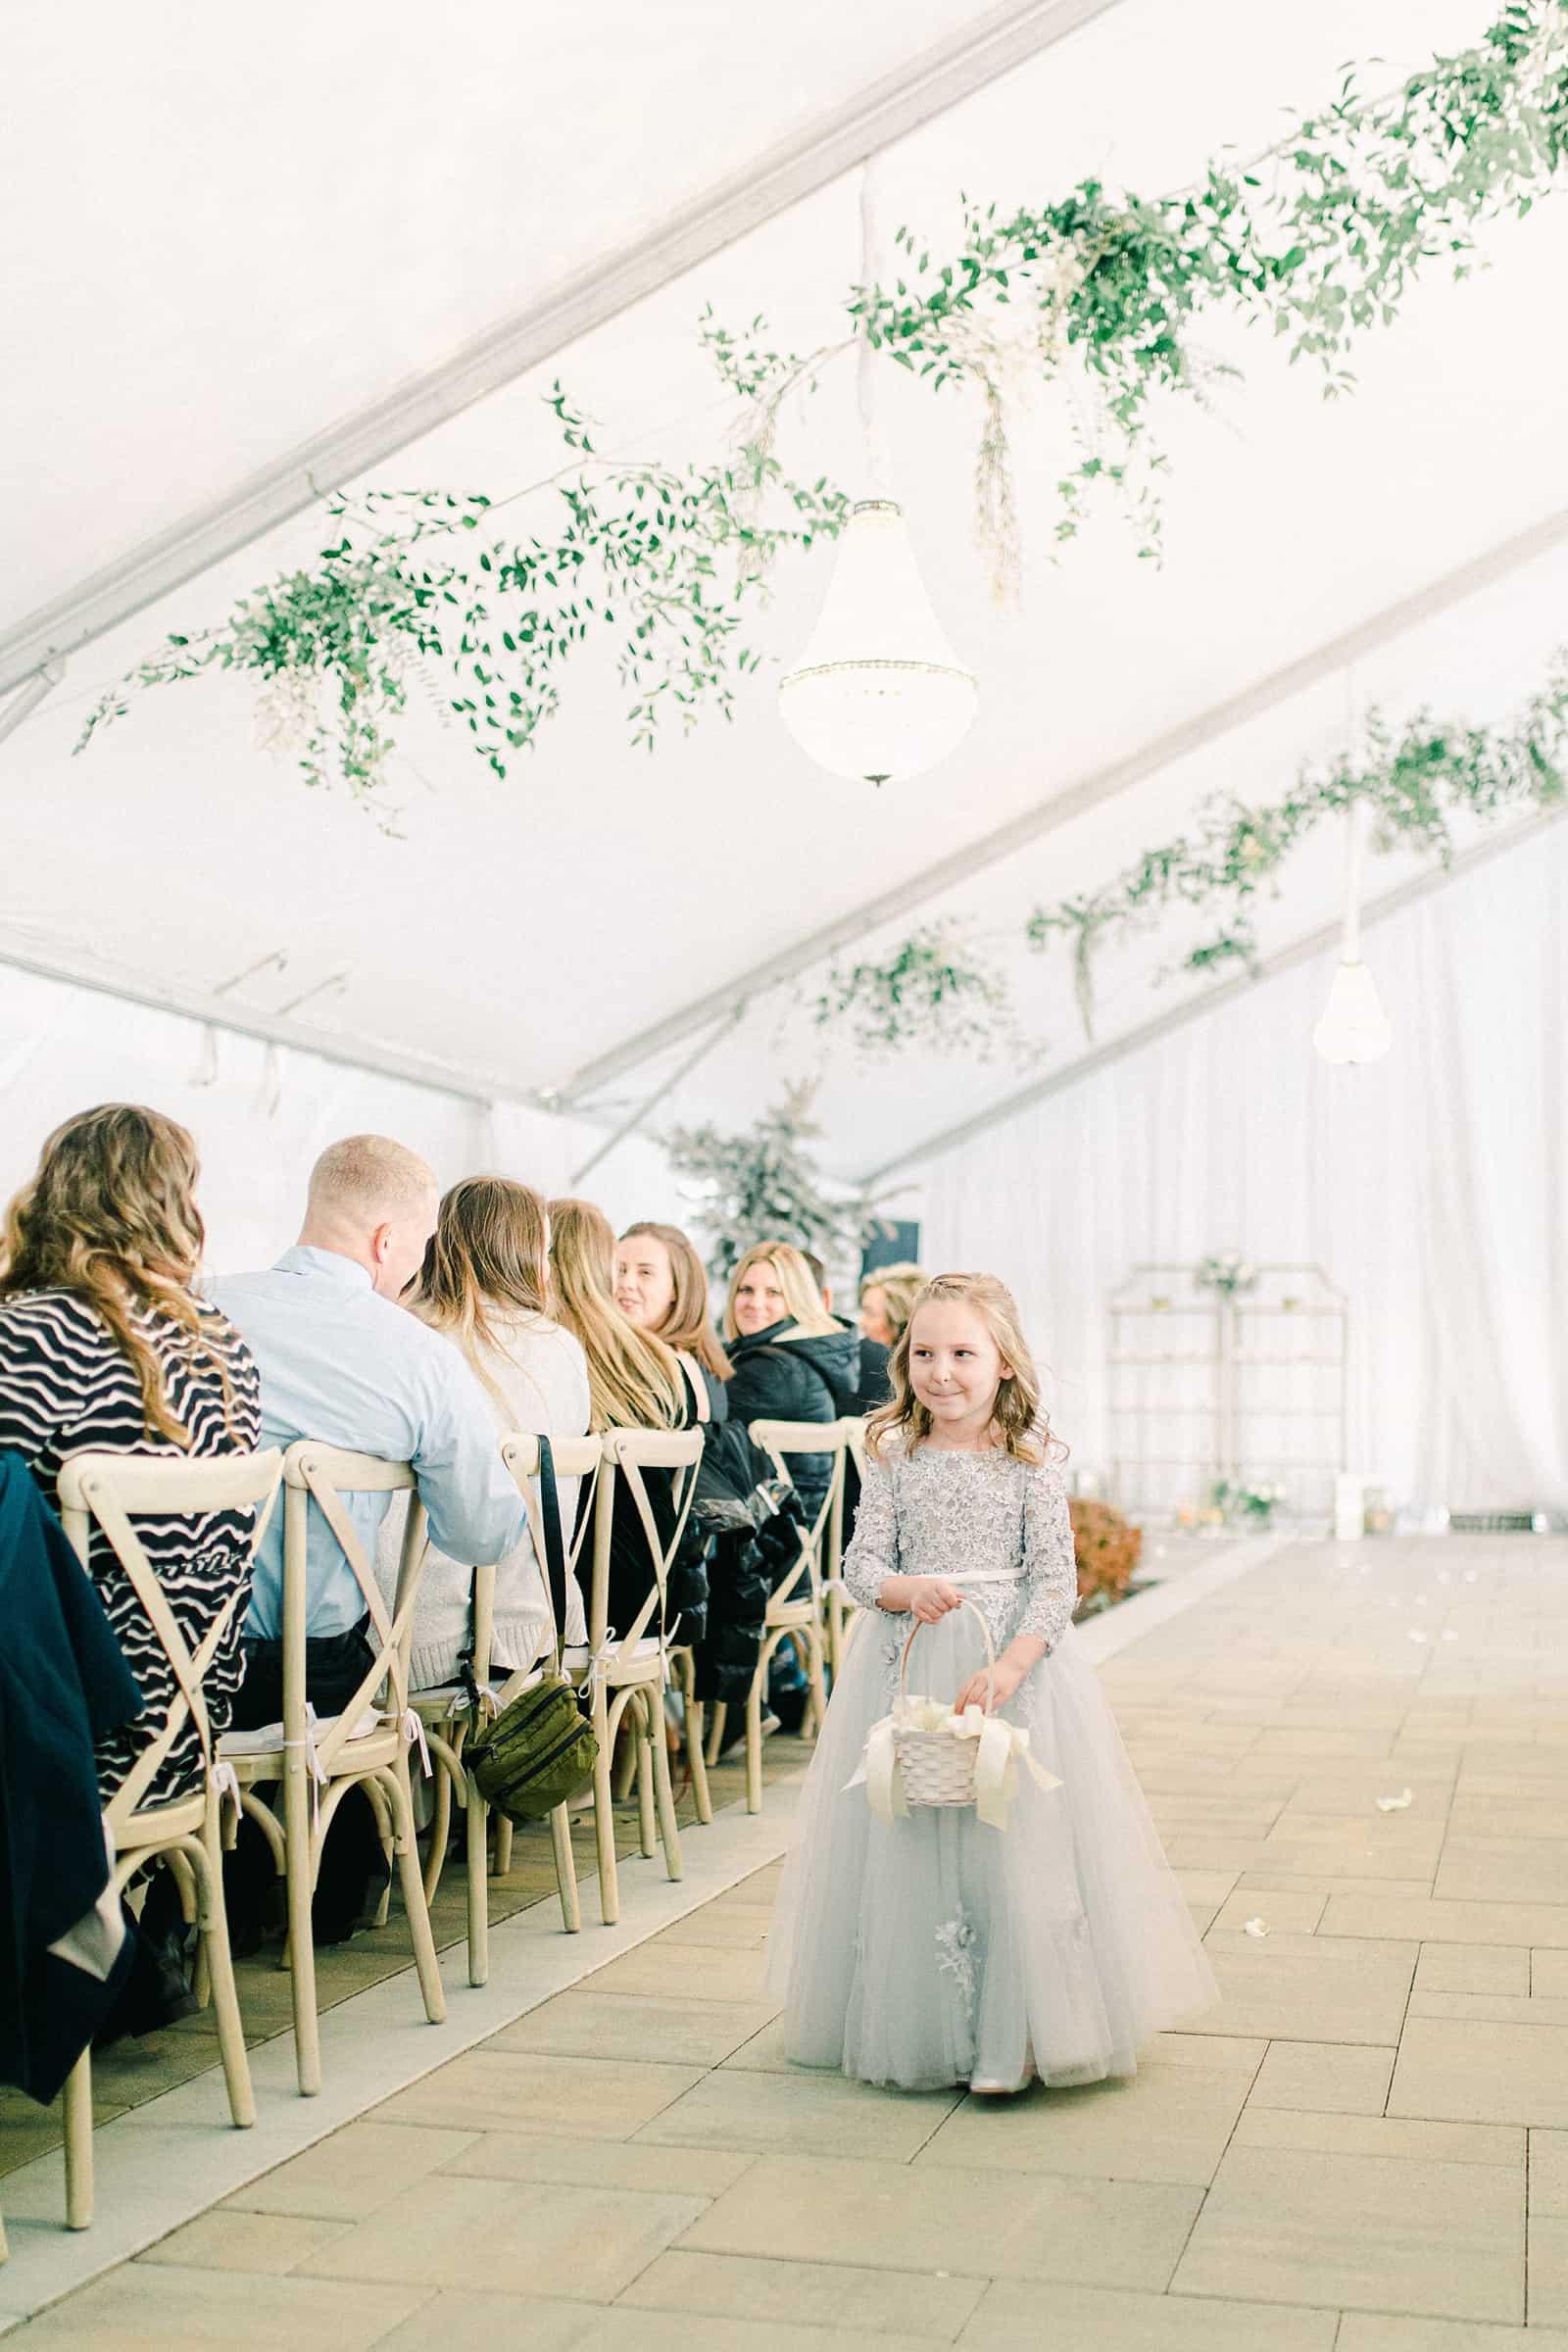 Luxury winter wedding at Willowbridge Estate in Boise, Idaho, little flower girl walks down aisle in blue flower girl dress